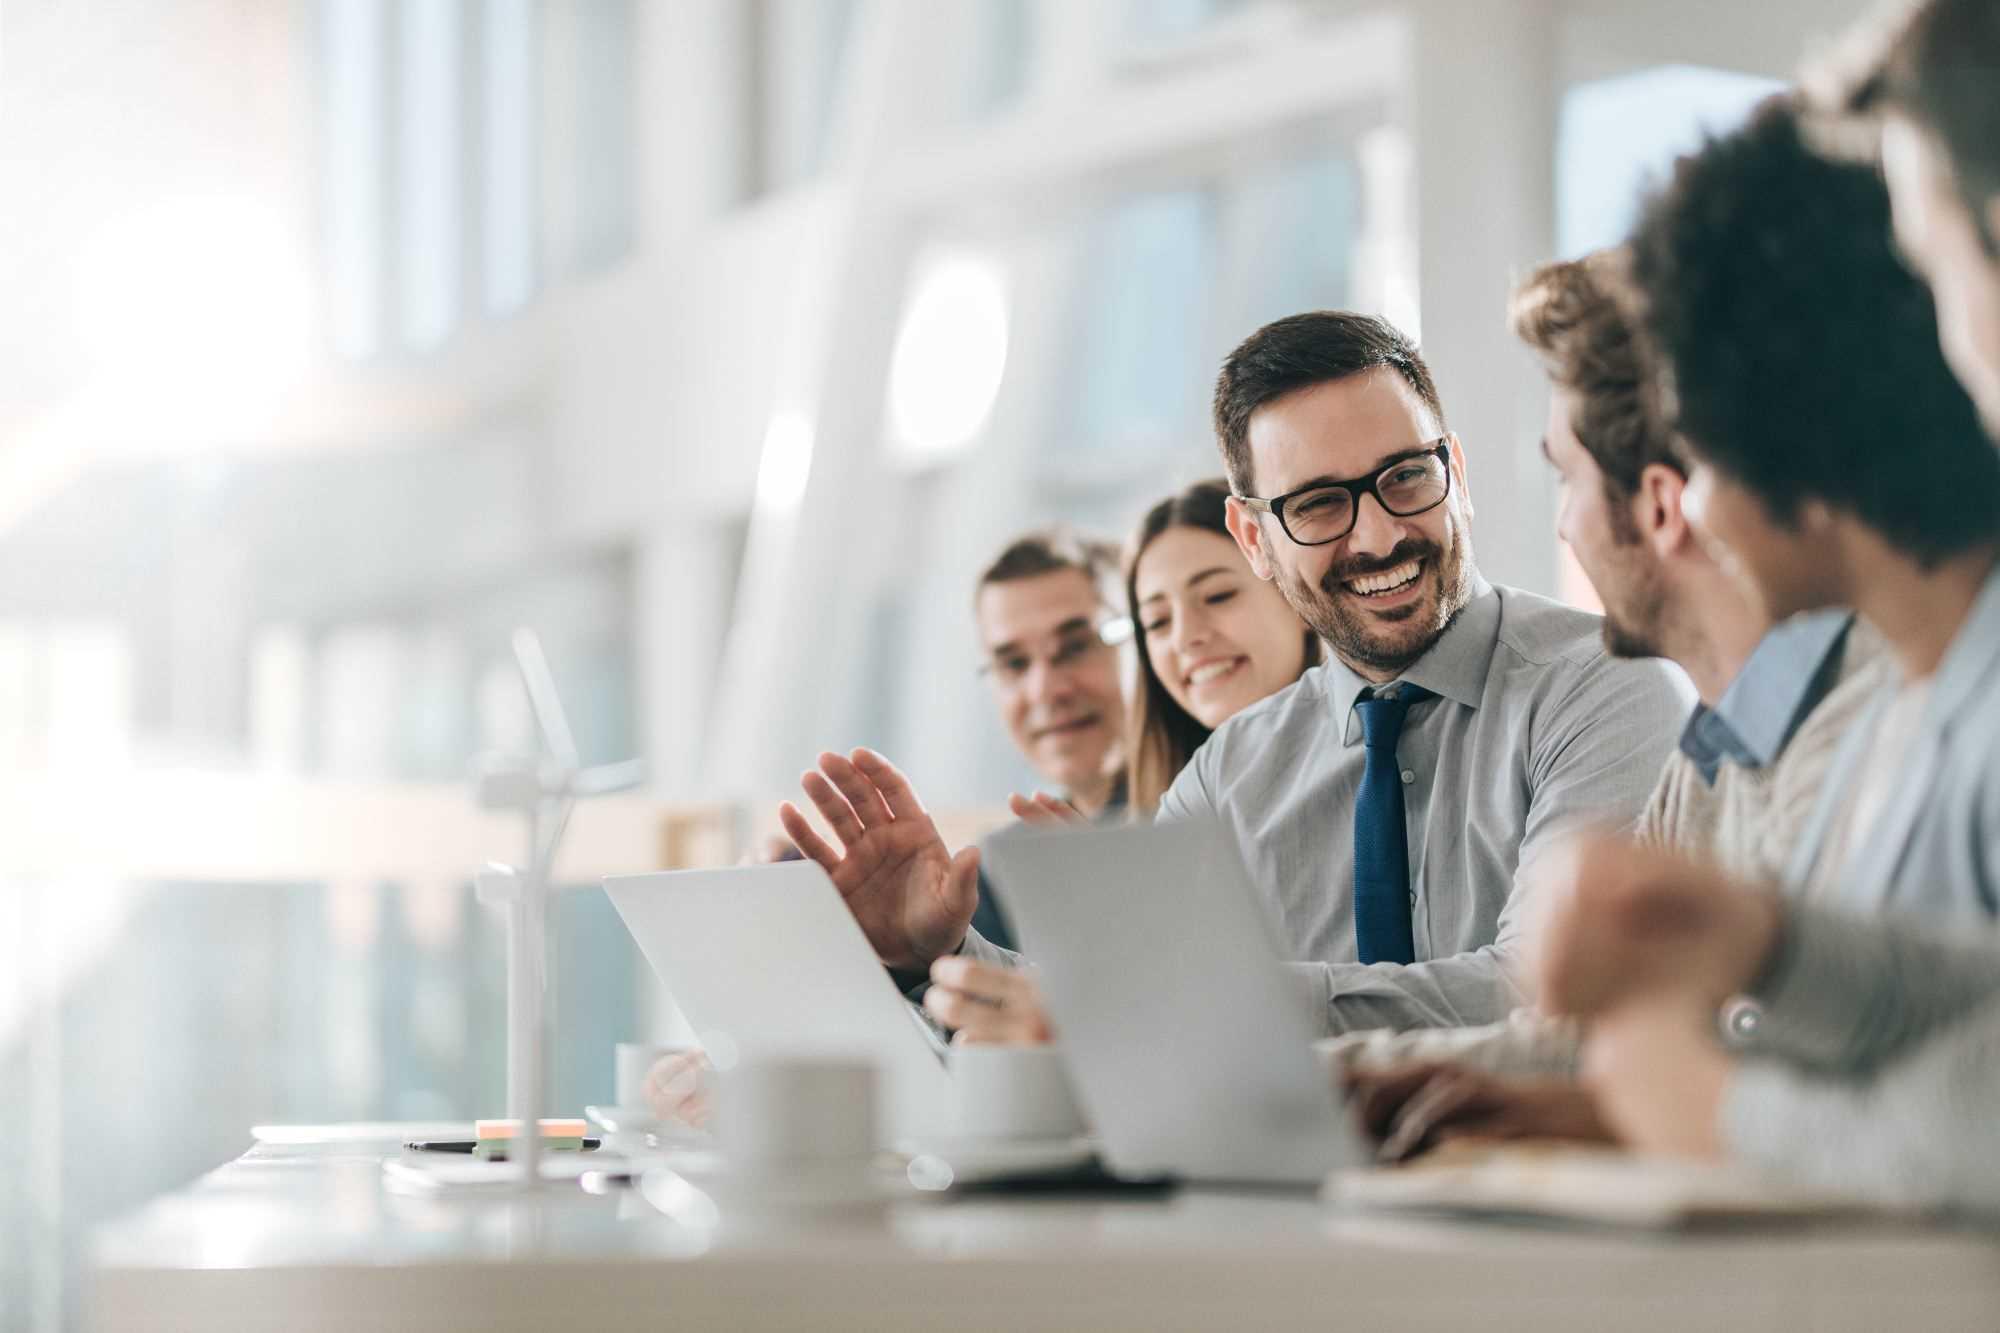 Moderne Plattformen für den digitalen Arbeitsplatz   CYCL bietet umfassende Dienstleistungen rund um SharePoint, Office 365 und Azure. Consulting, Change Management, Engineering, Custom Development & Managed Services.   Mehr erfahren